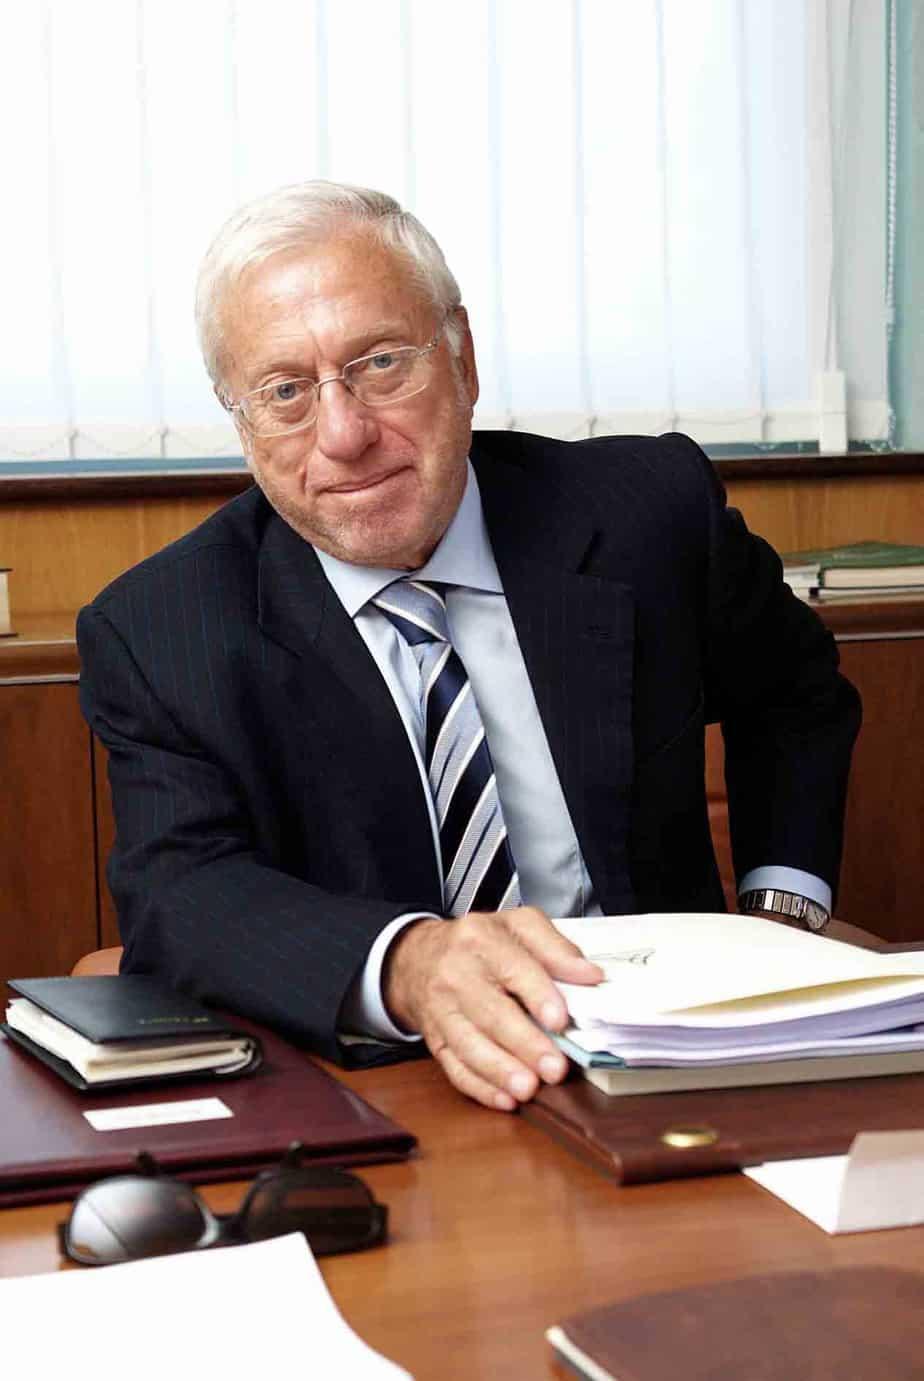 Emilio Terpin, Presidente della Concessionaria autostradale Autovie Venete